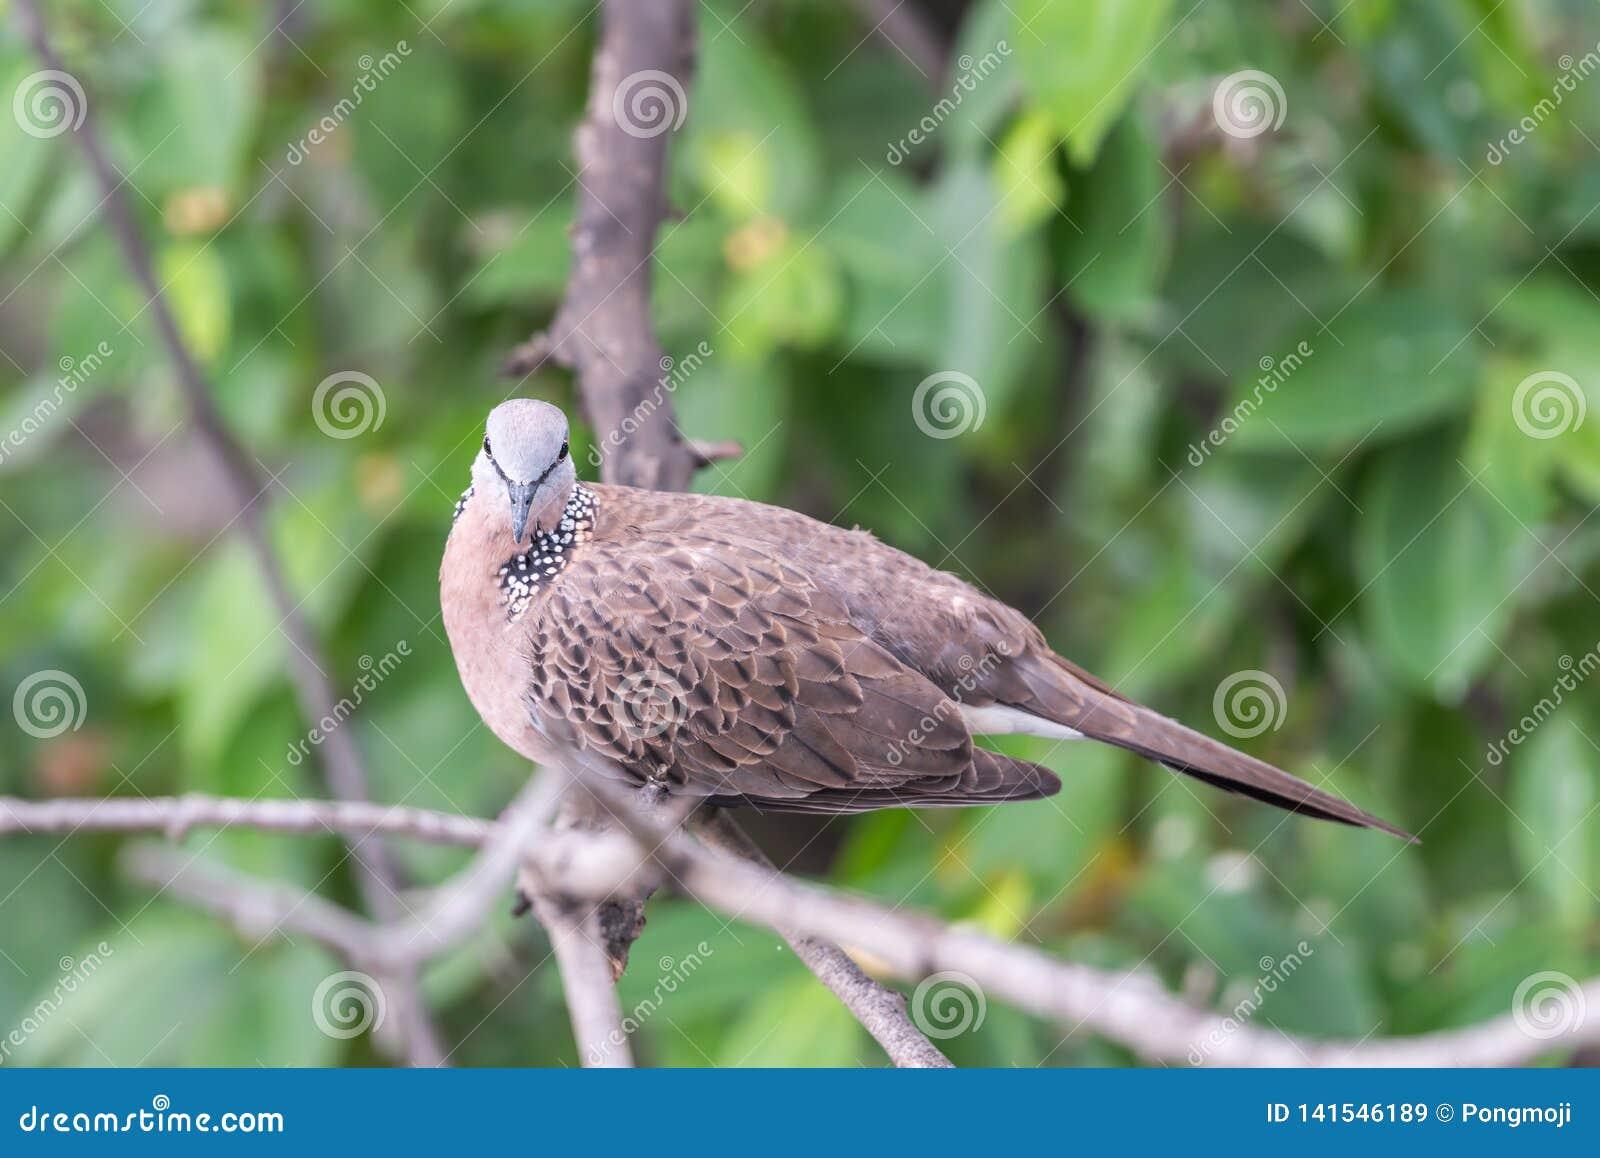 Oiseau (colombe, pigeon ou d?sambiguisation) dans une nature